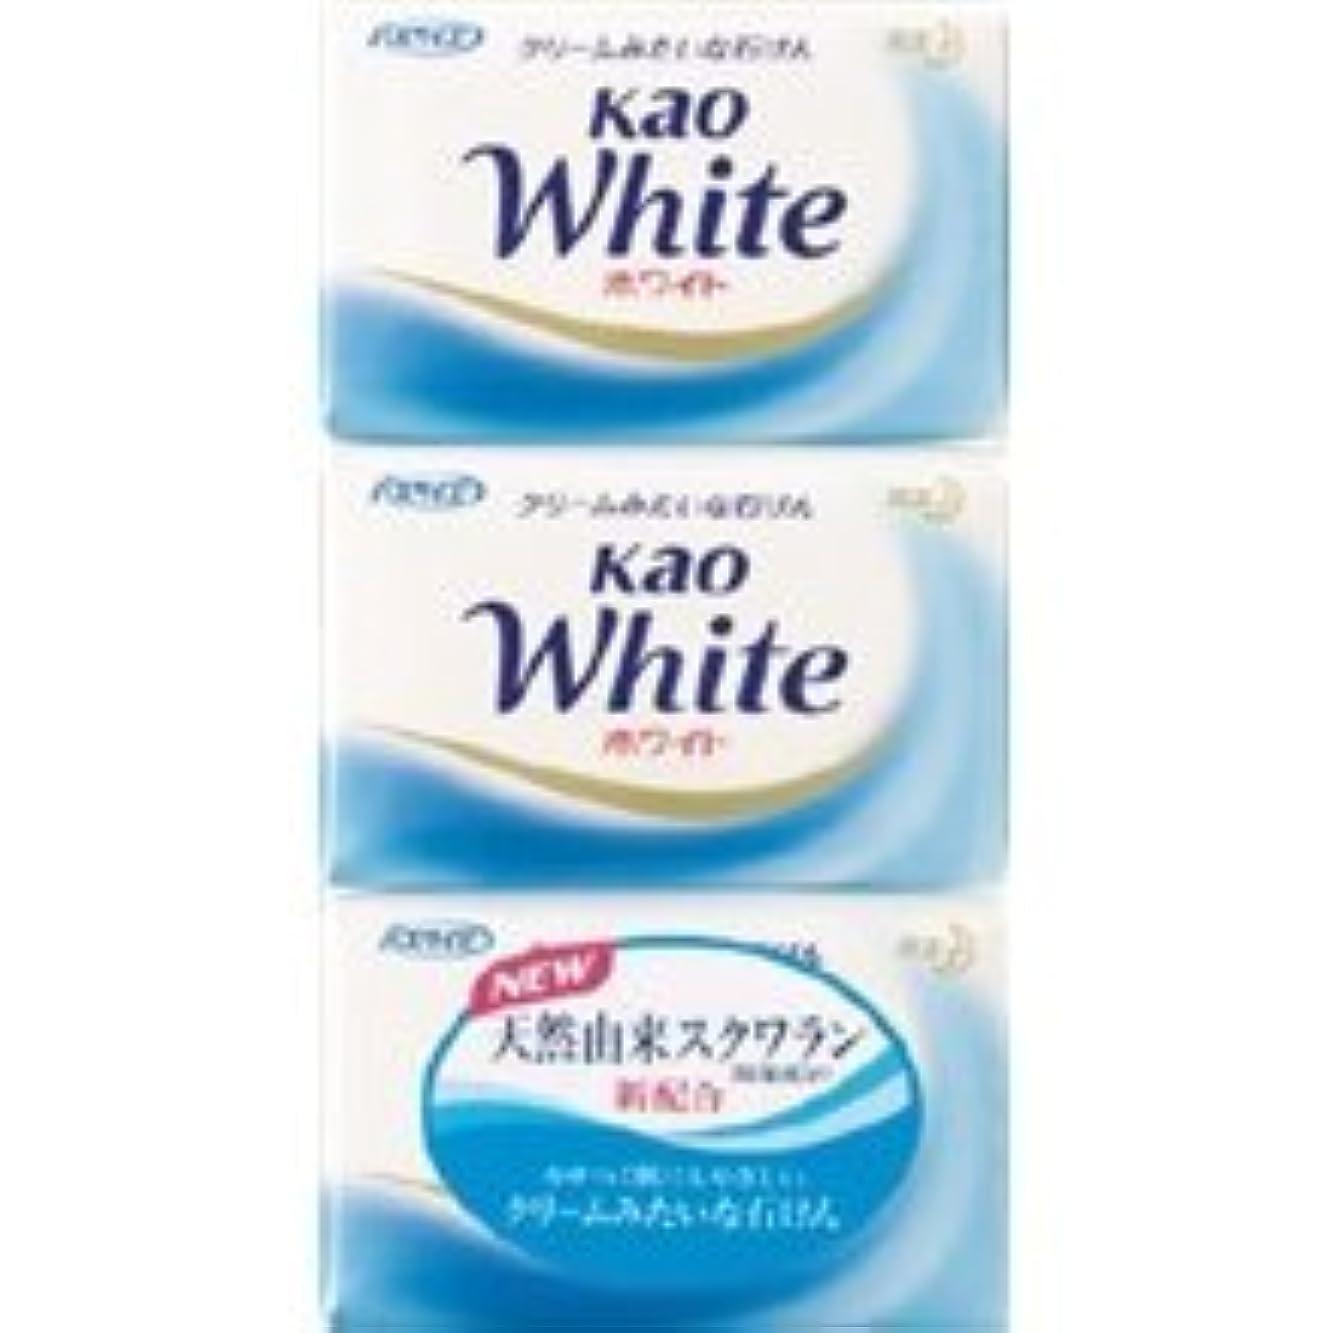 タイマー下着バイバイ【花王】花王ホワイト バスサイズ (130g×3個) ×20個セット